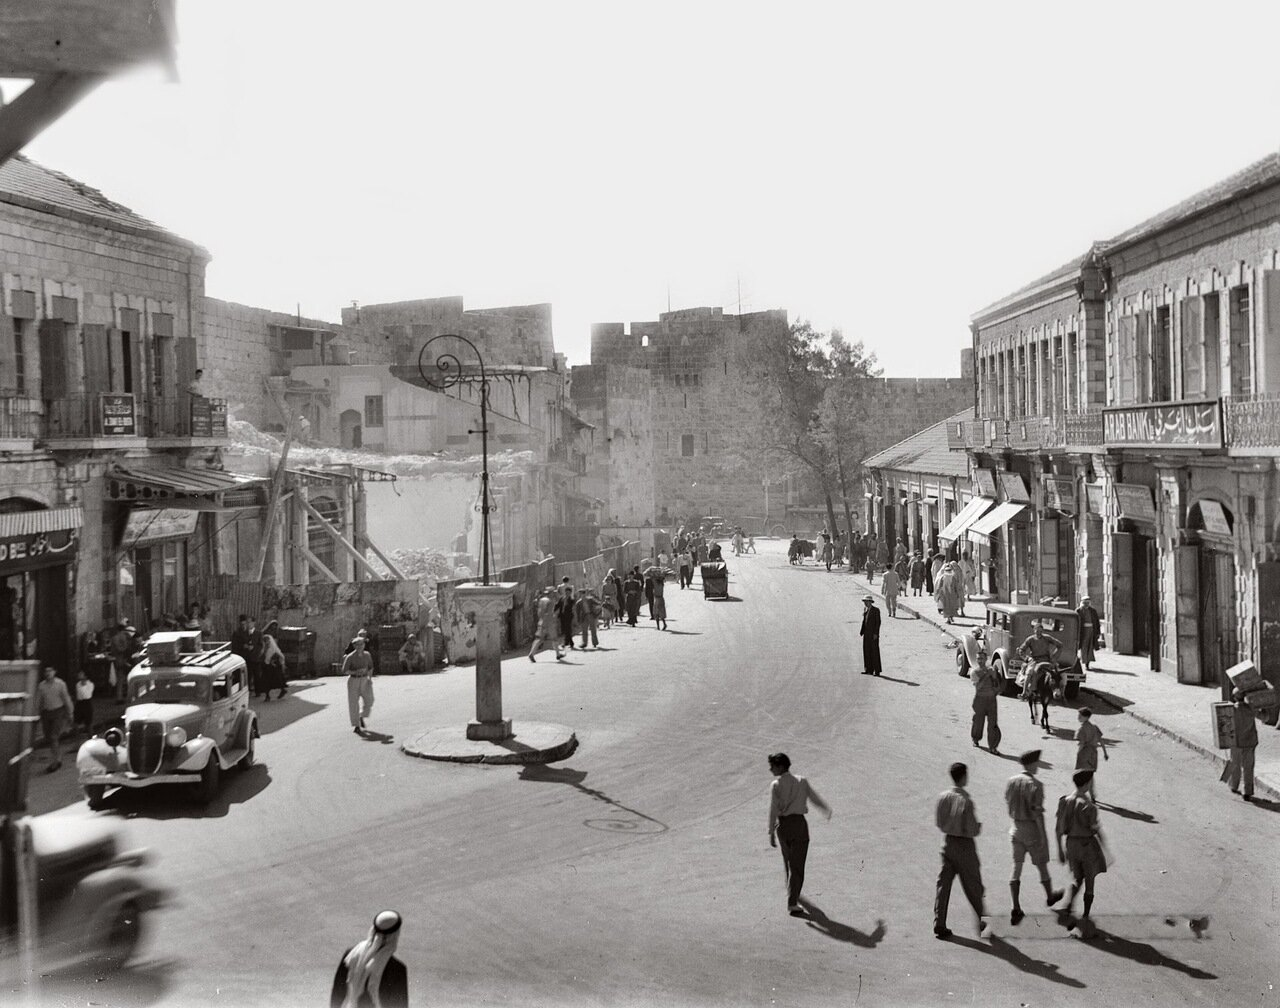 Снос построек у Яффских ворот с целью расчистить городские стены. Иерусалим. 1944 г. июль.